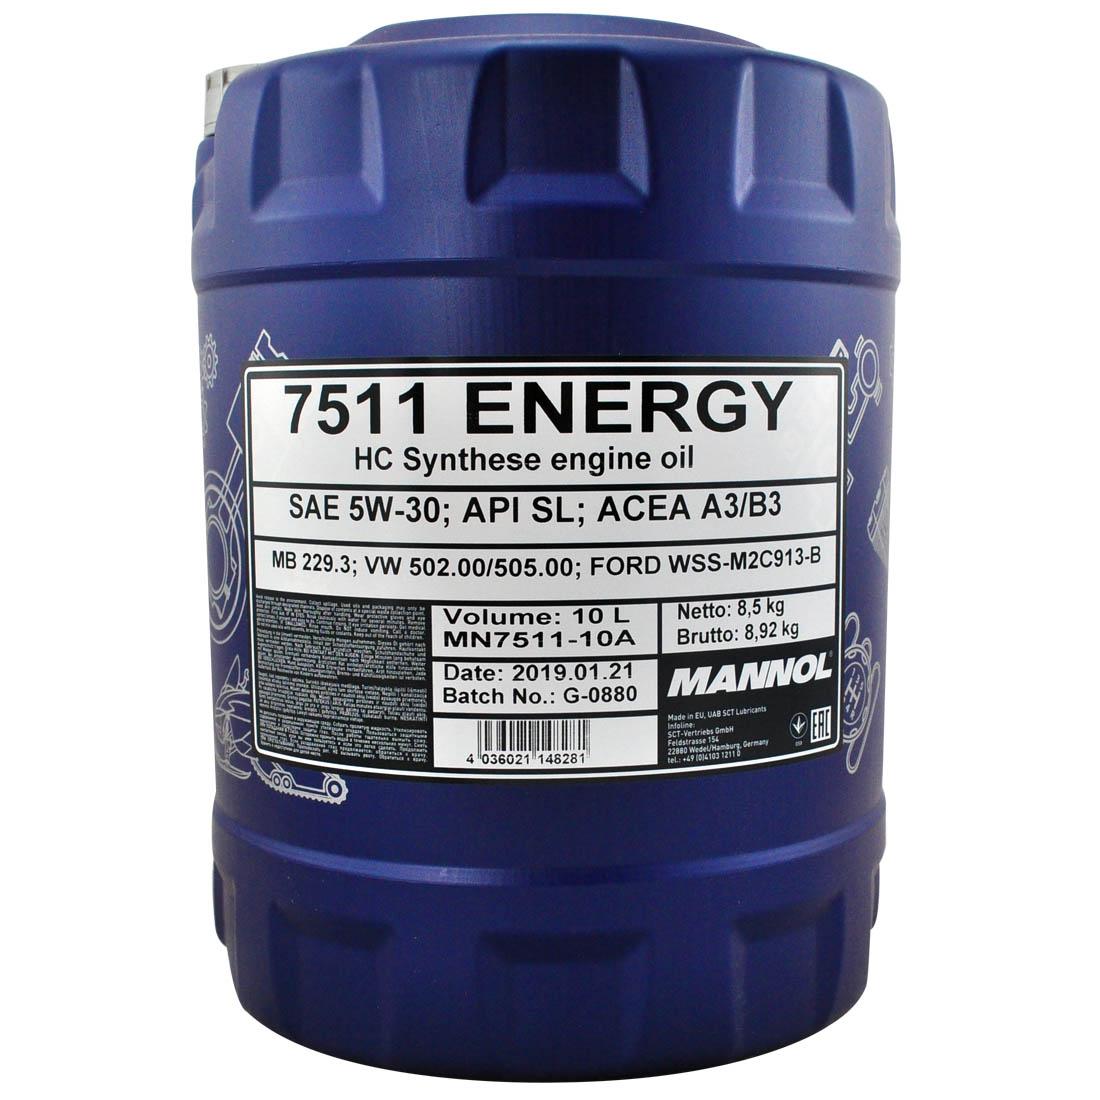 10 1x10 liter mannol sae 5w 30 energy motor l vw. Black Bedroom Furniture Sets. Home Design Ideas